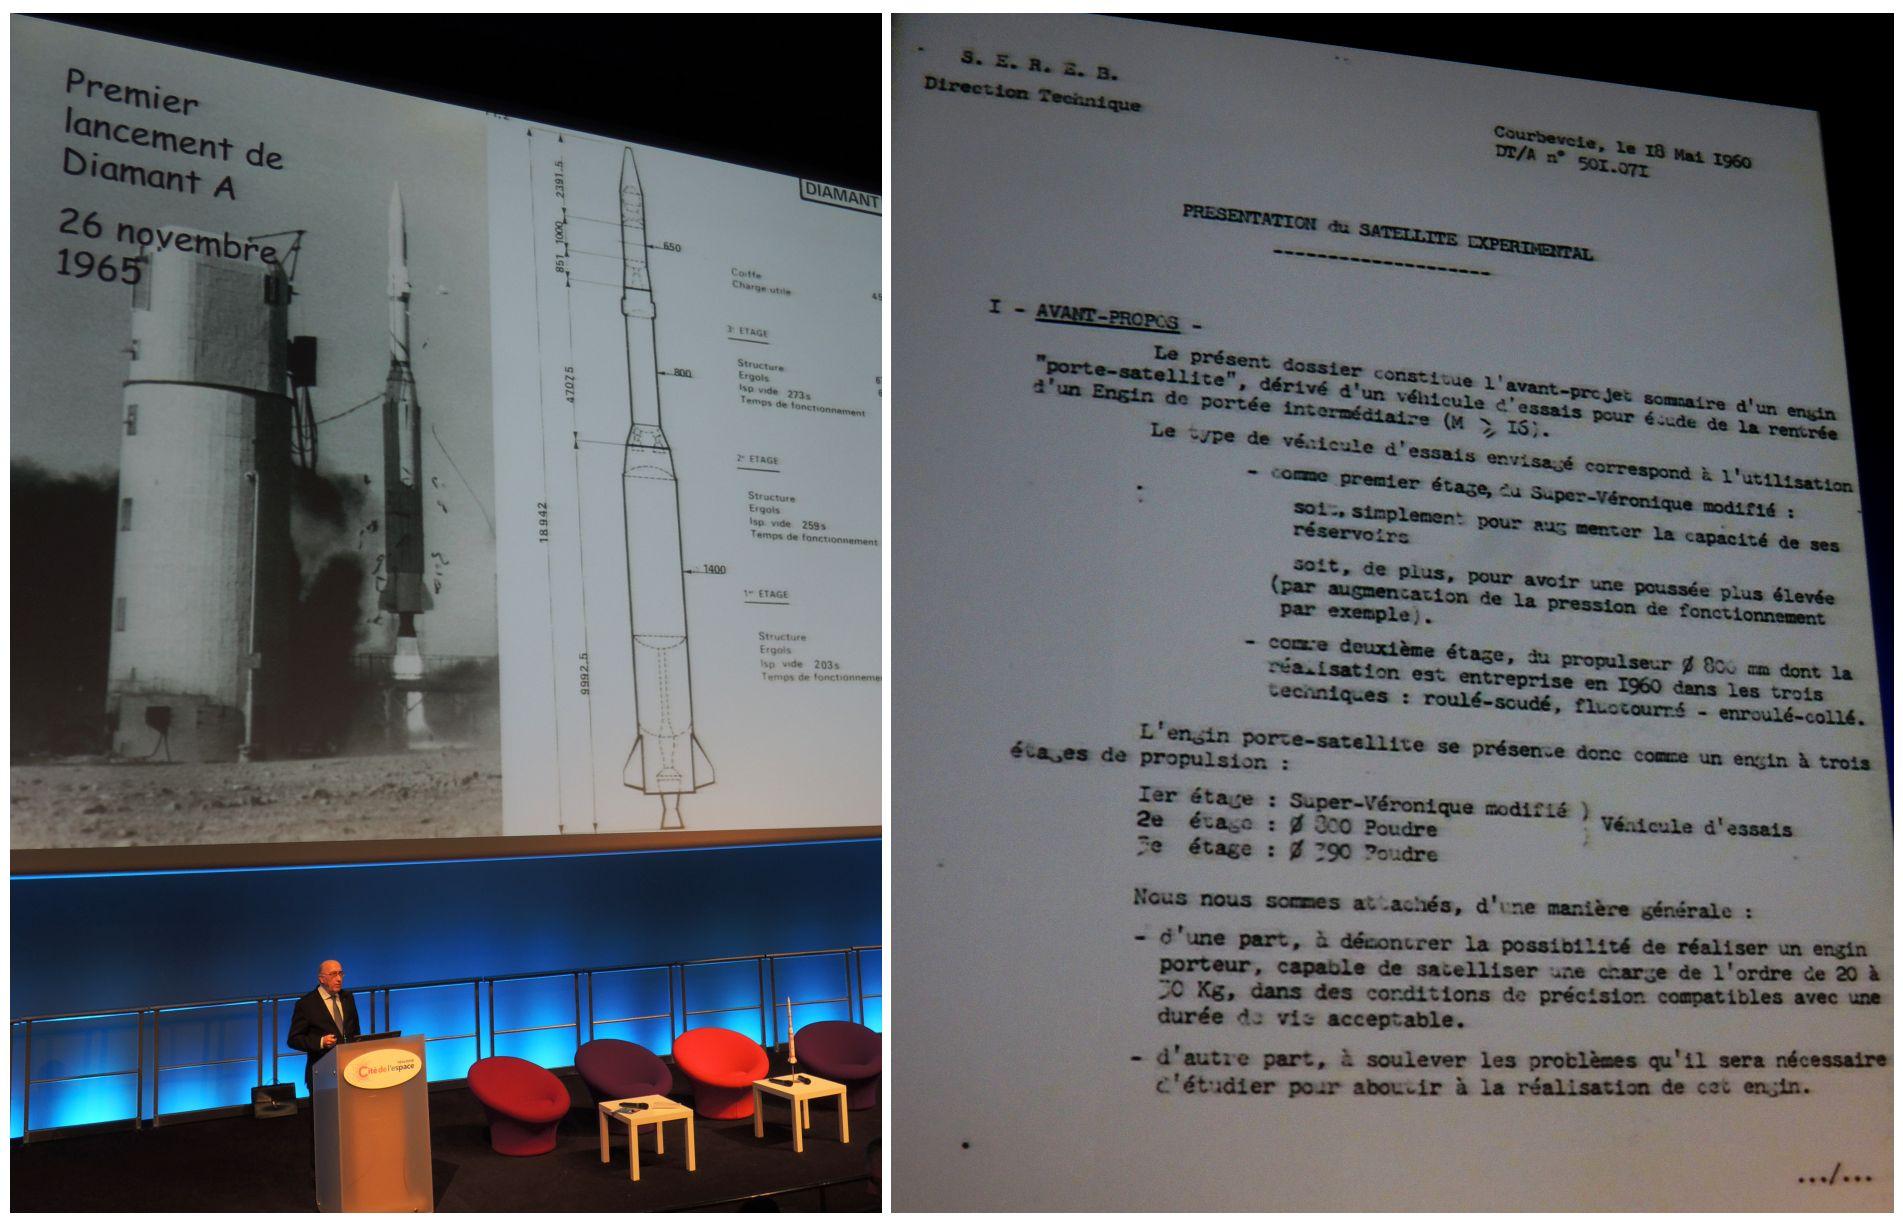 Diamant - Astérix - 50 ans - Conférence Philippe Couillard - Jacques Villain - Cité de l'espace - Toulouse - 26 novembre 2015